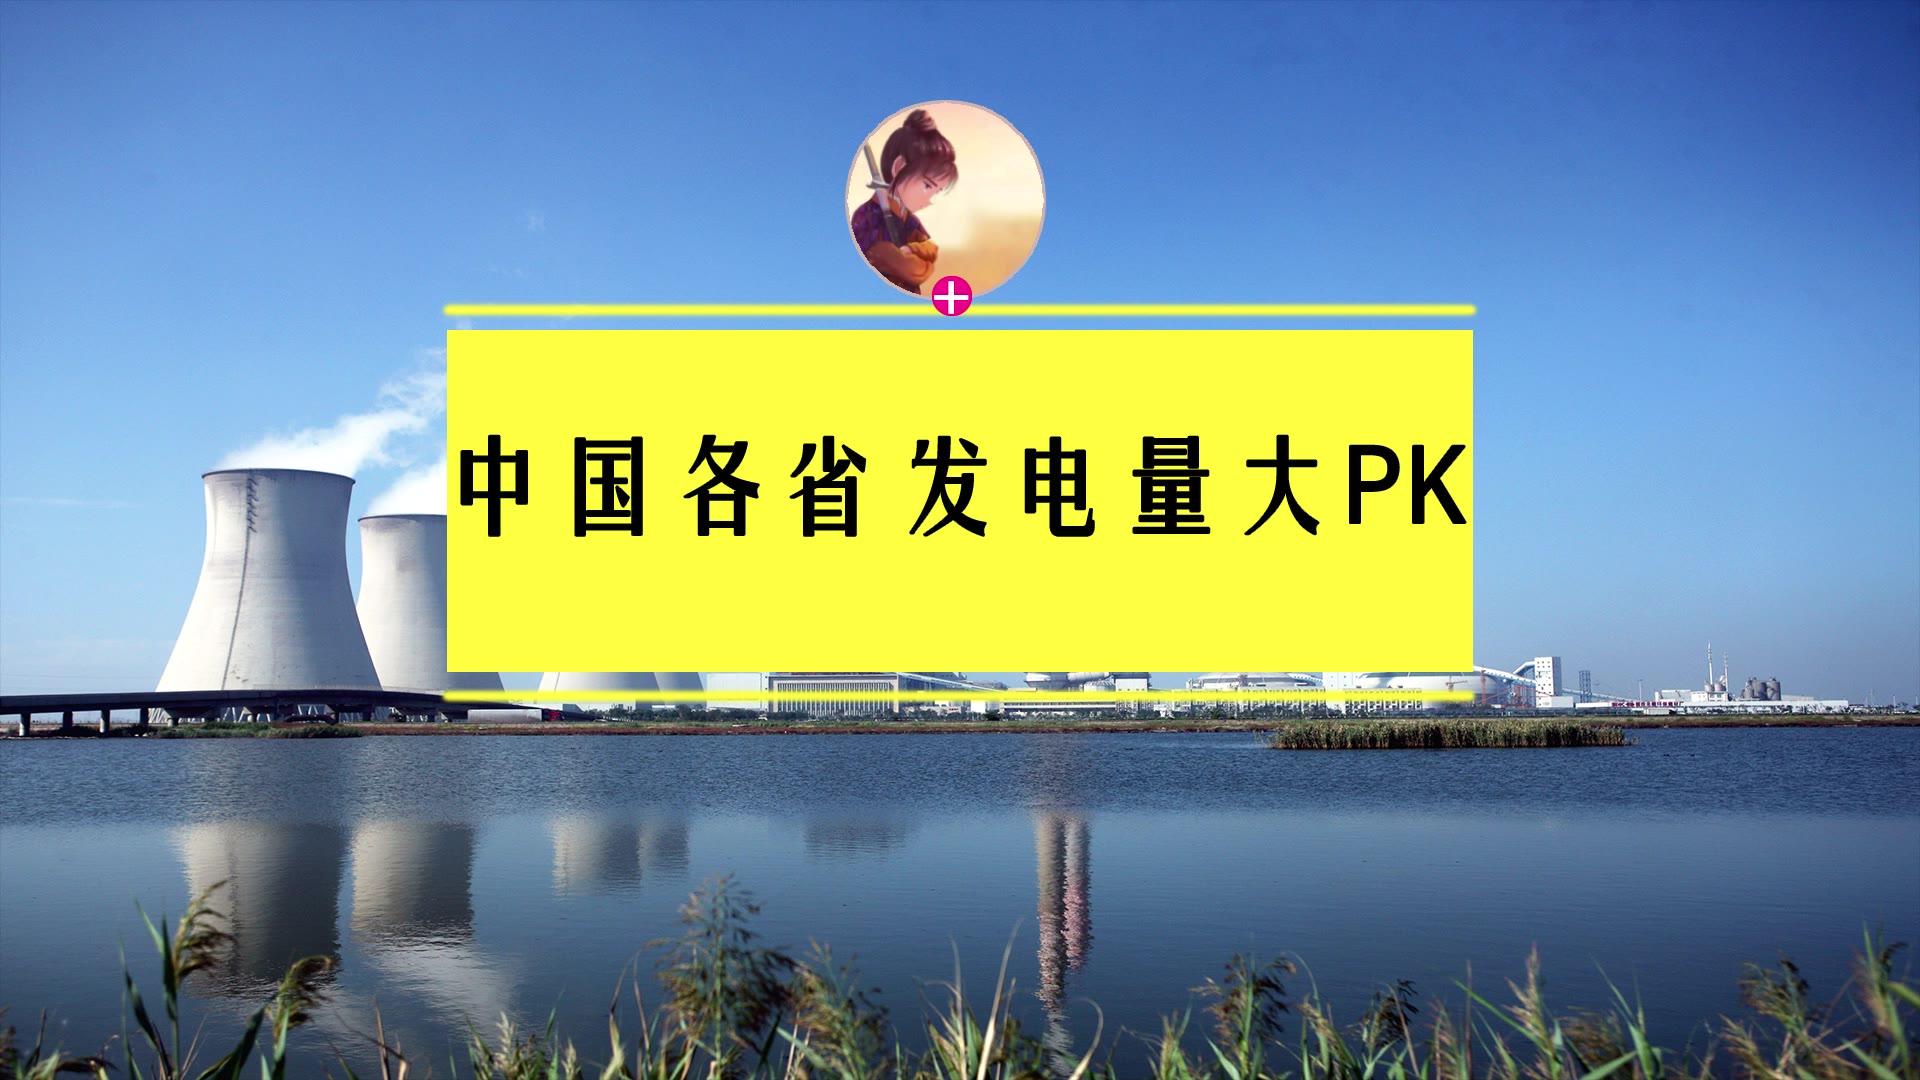 中国各省发电量大比拼 TOP 15,为什么内蒙发电量这么高?